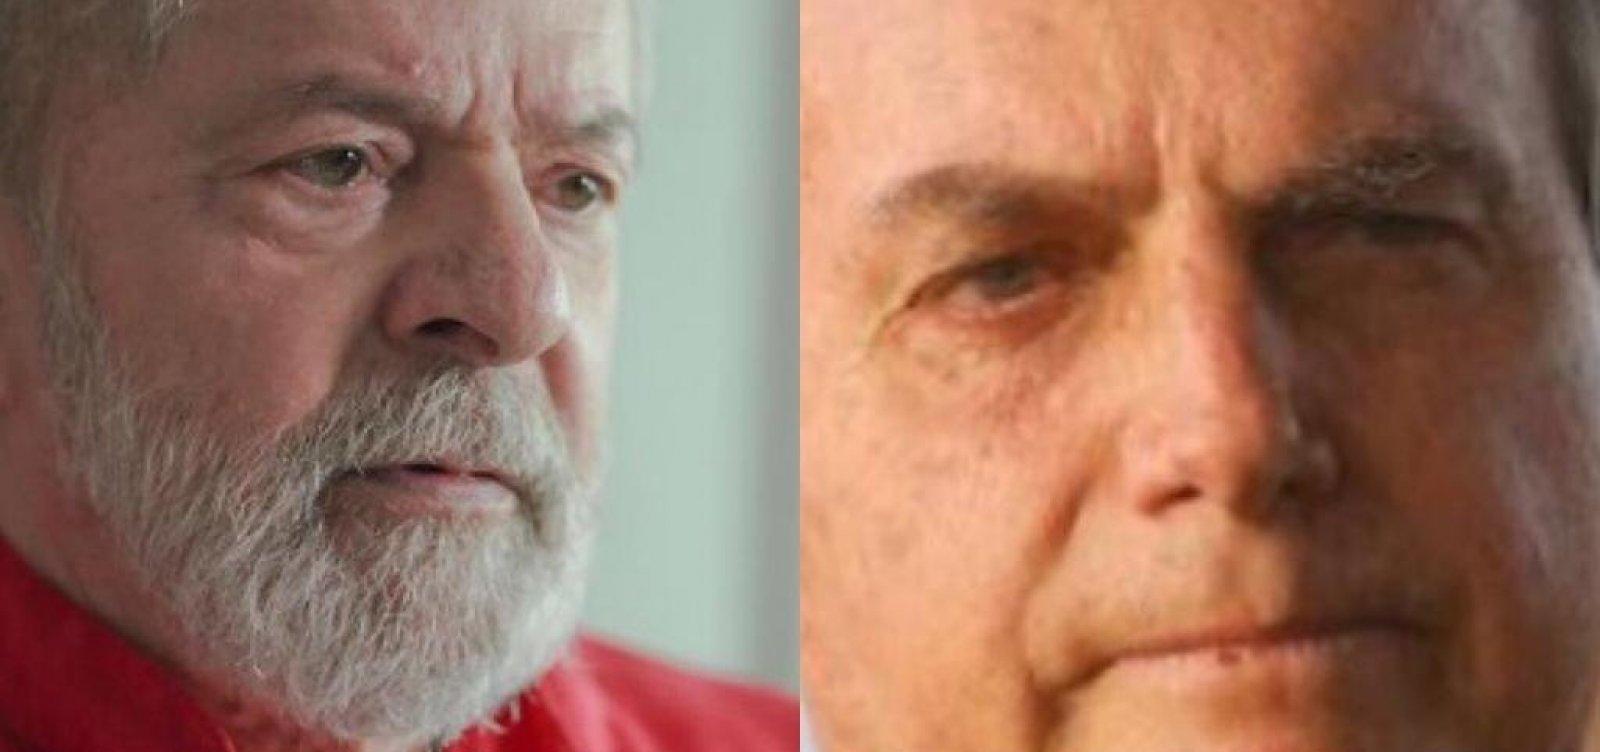 Corrida eleitoral: Pesquisa aponta vitória de Lula nos dois turnos contra Bolsonaro em 2022